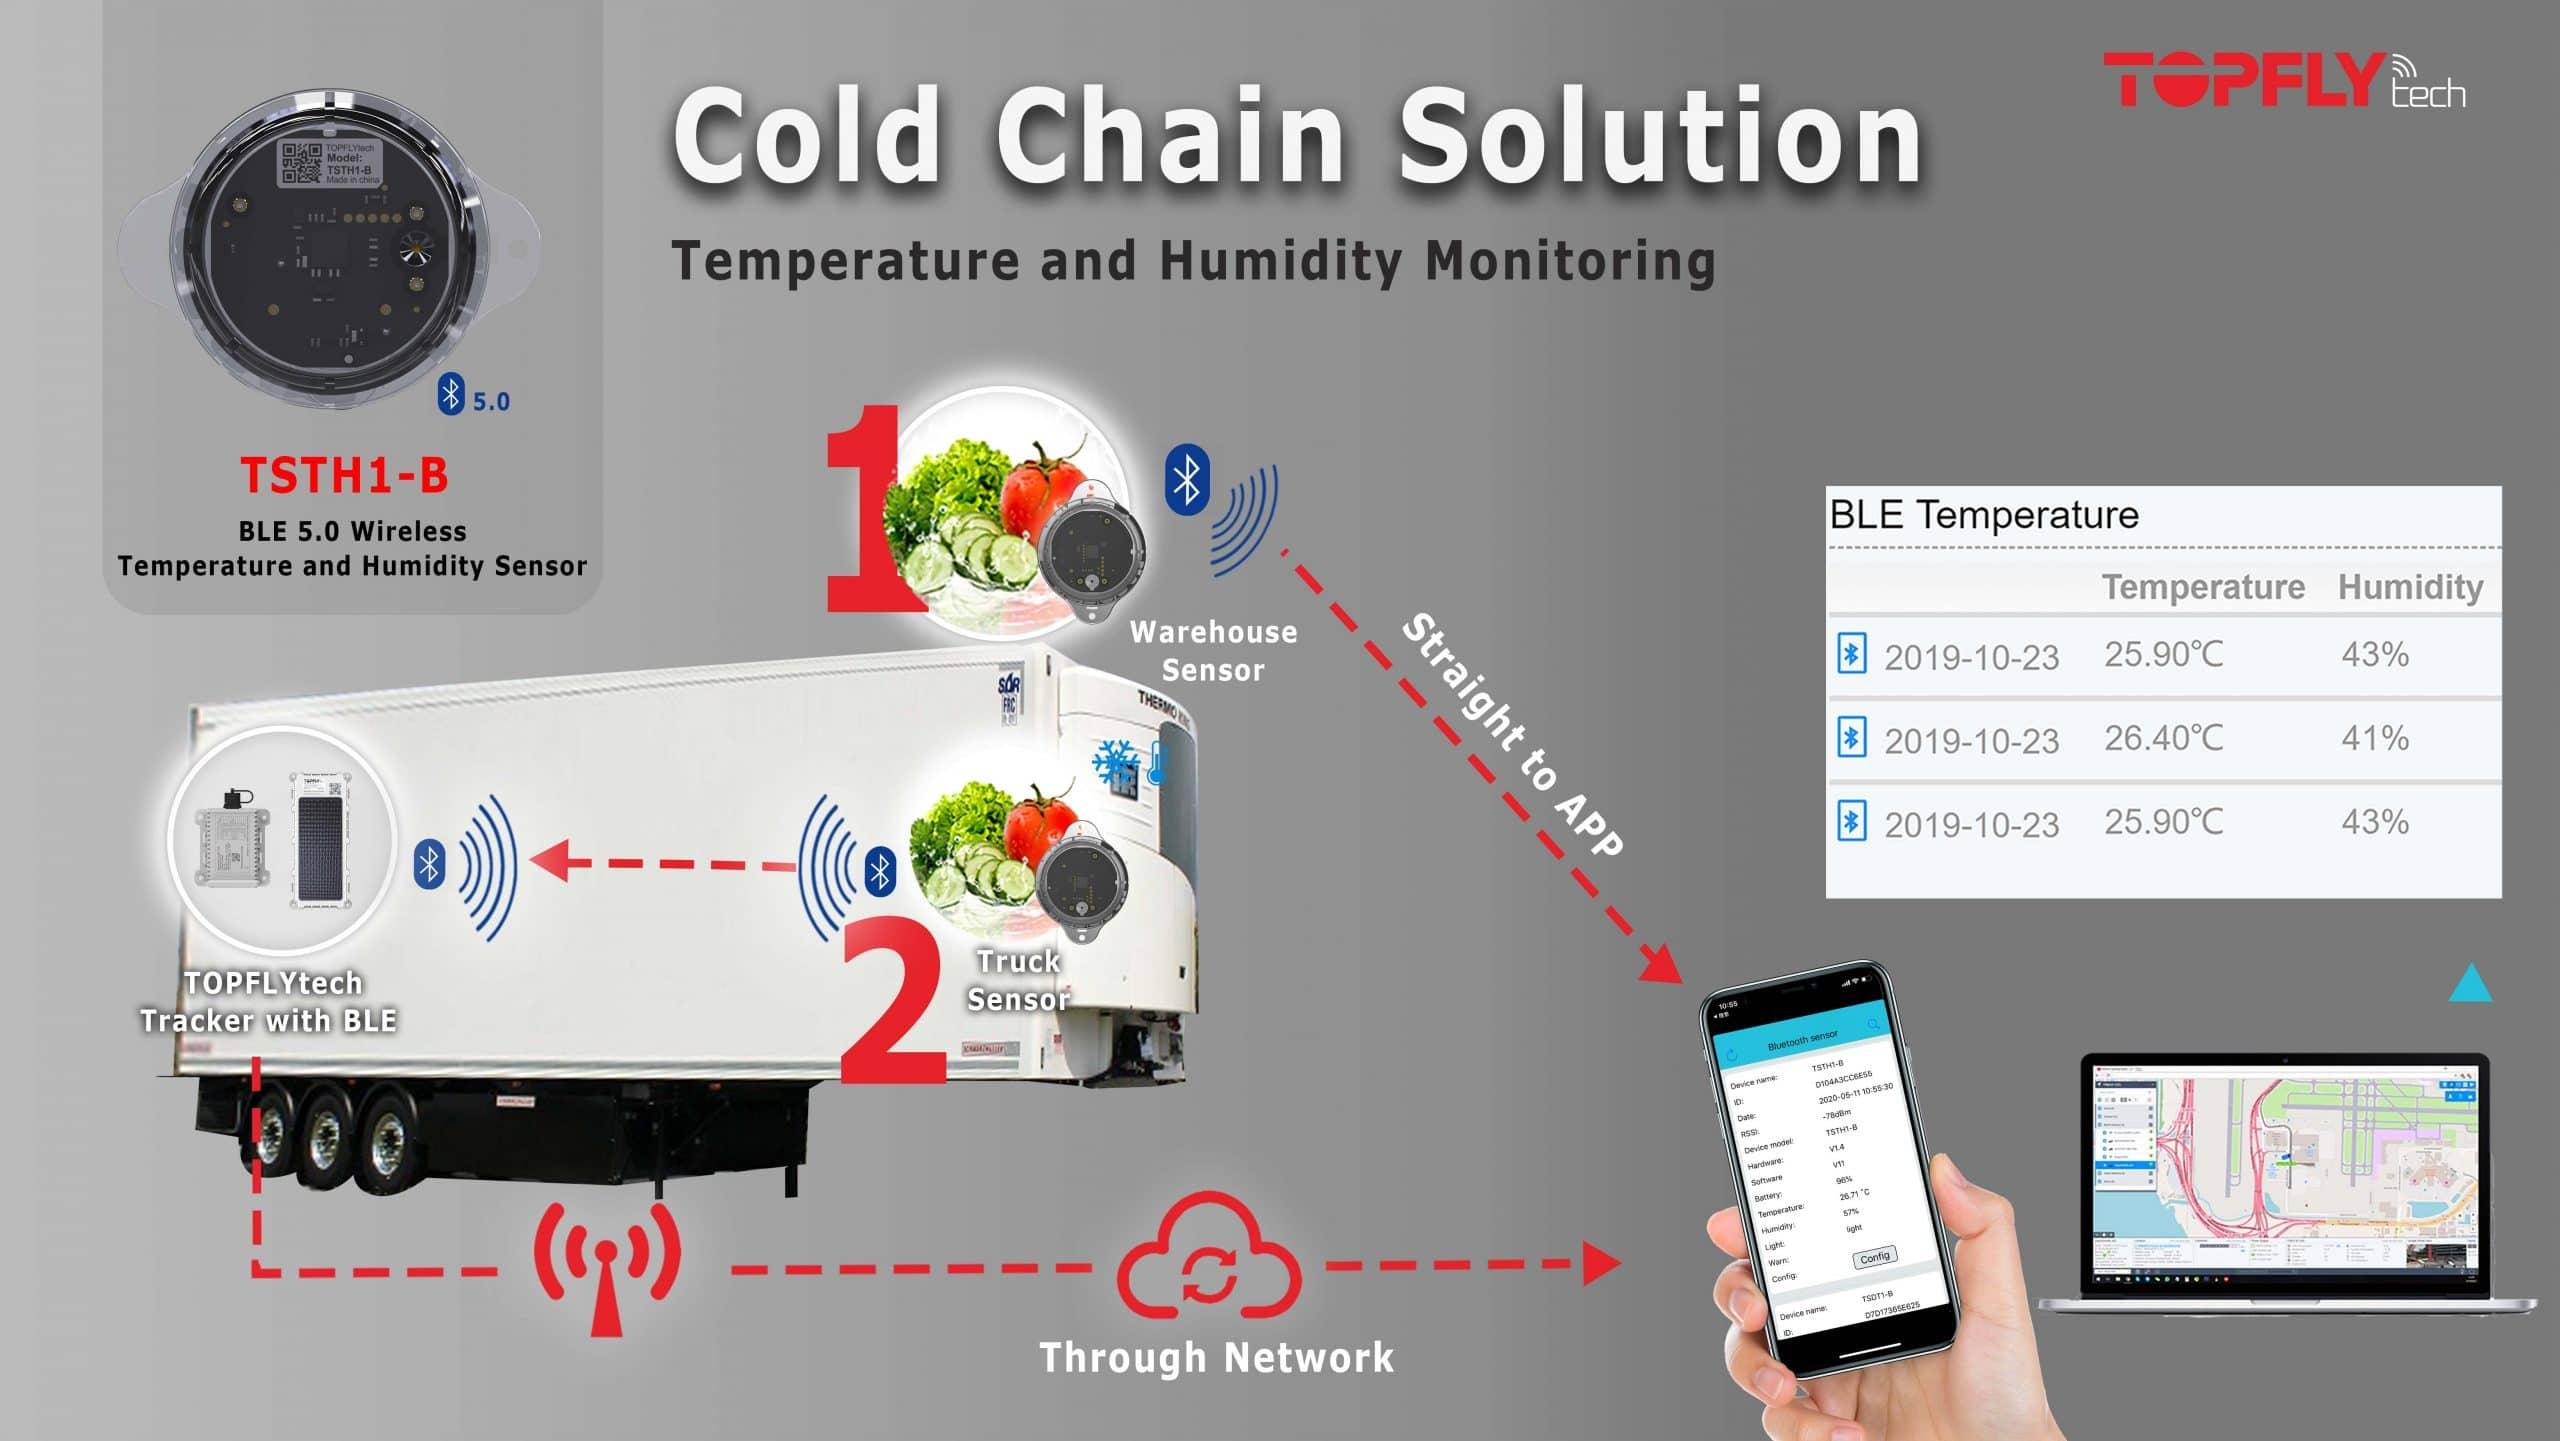 BLE Temperature sensor | Cold Chain Solution